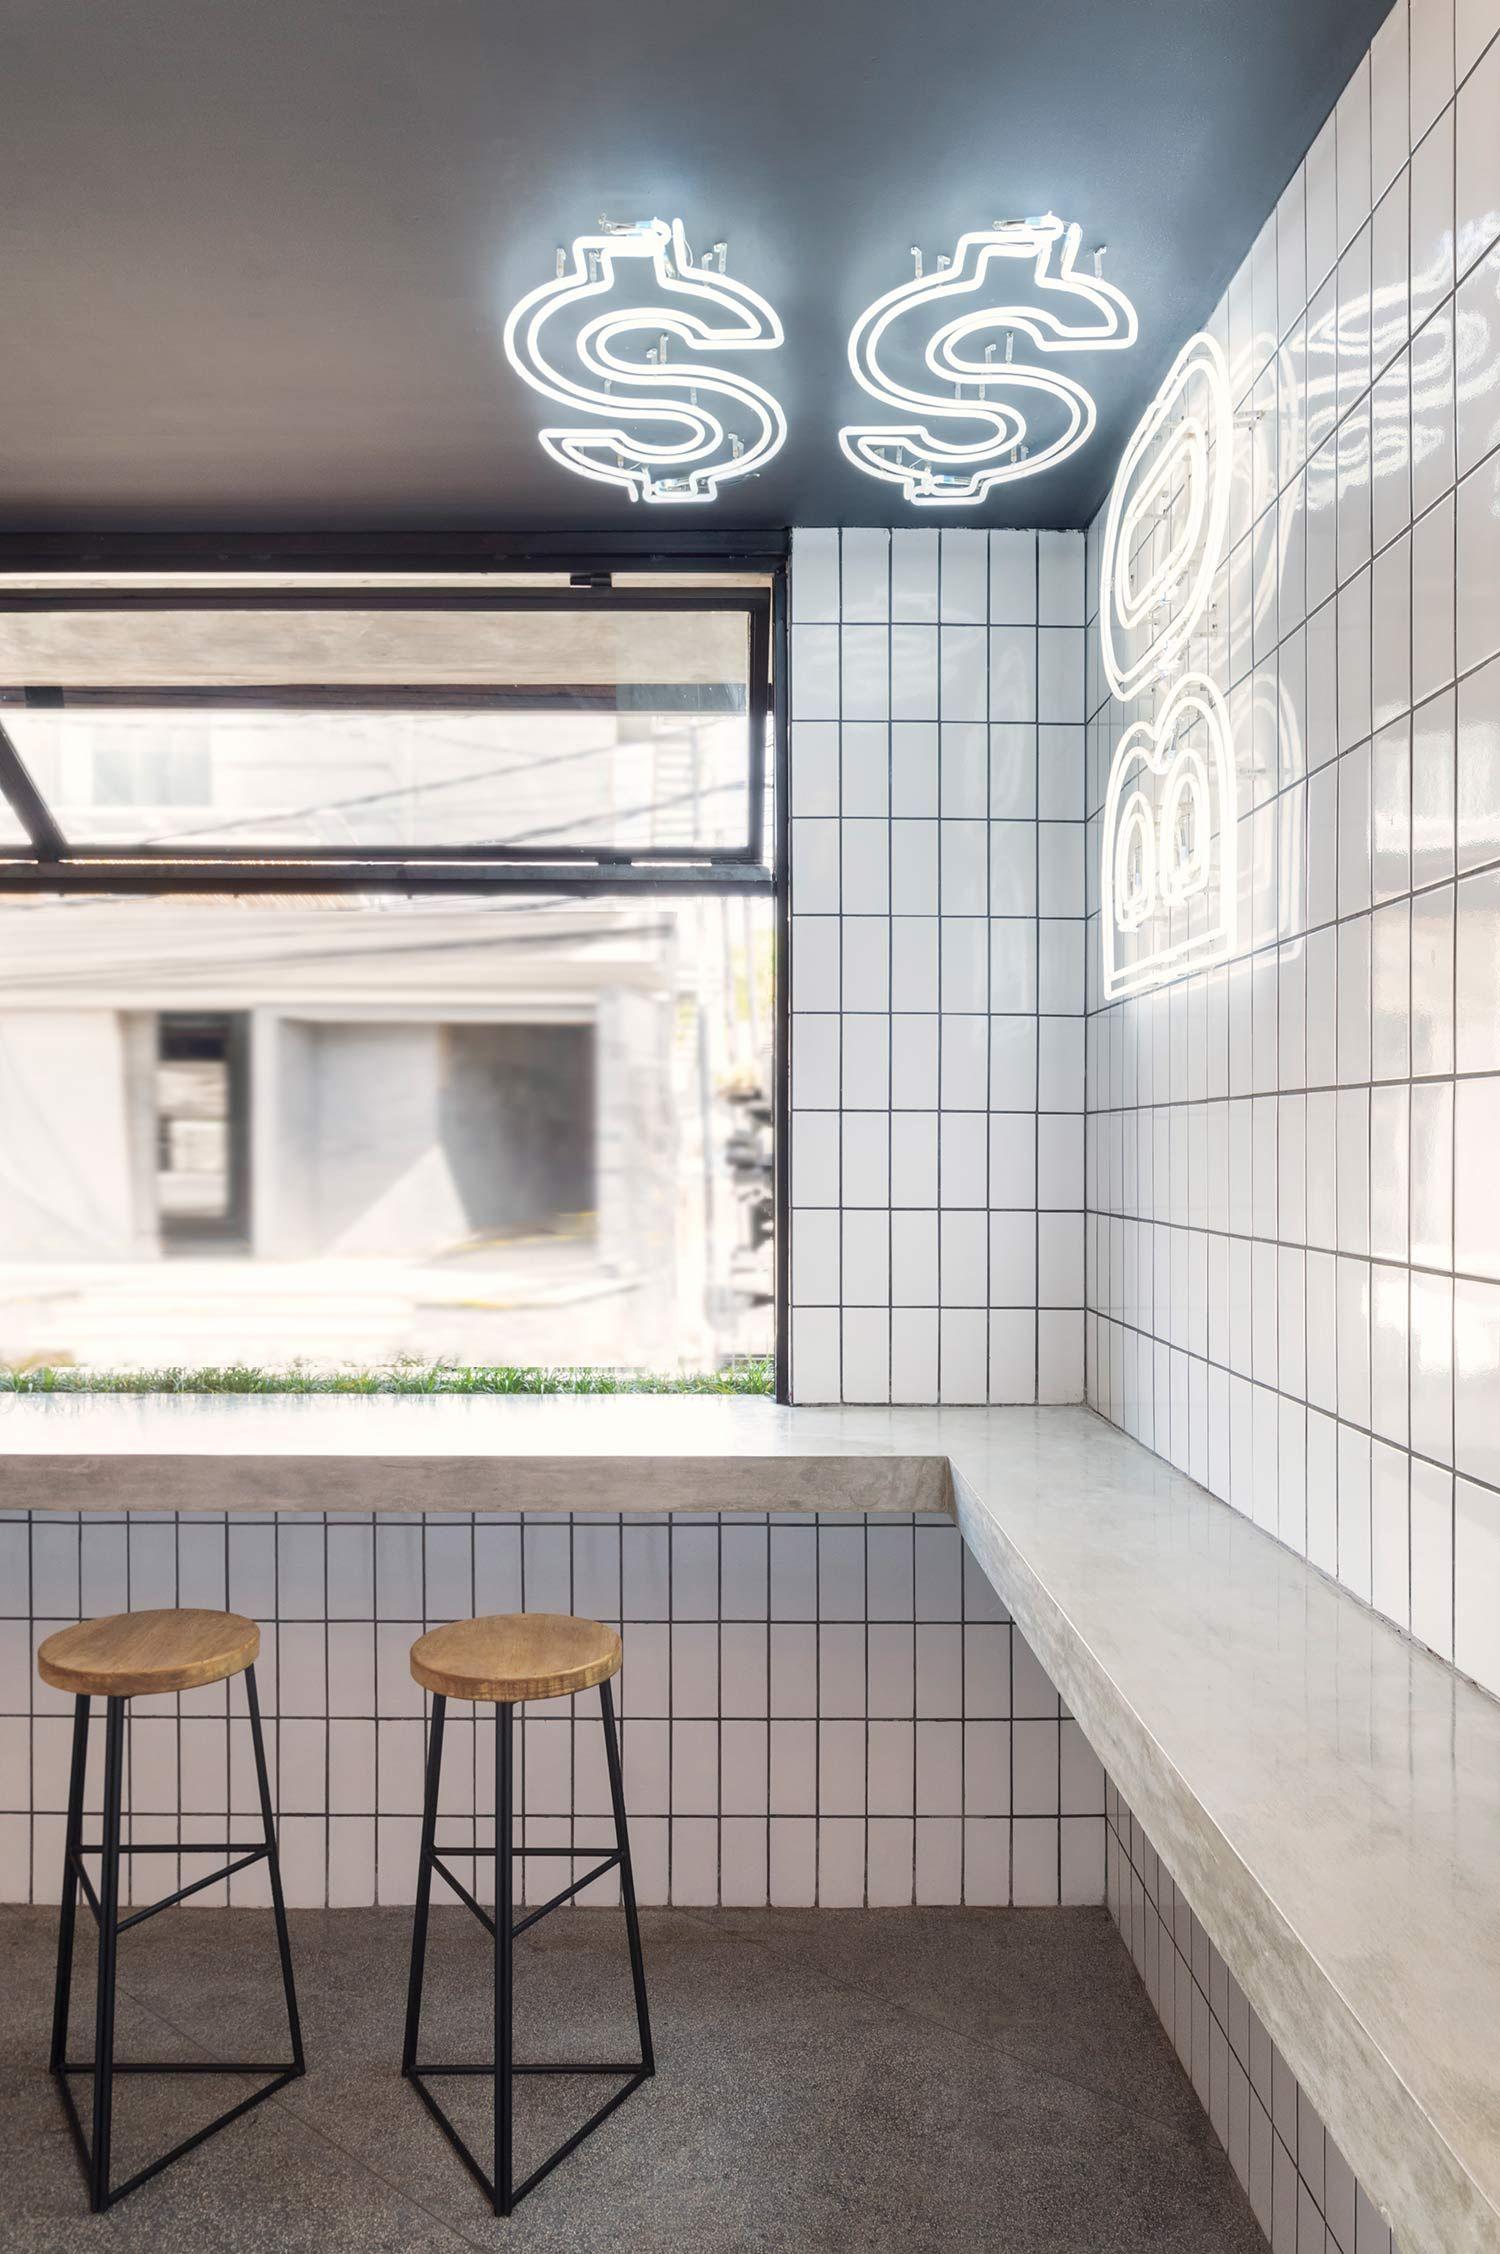 BO$$ Man Bali: Gourmet with Attitude | Spaces | Burger bar